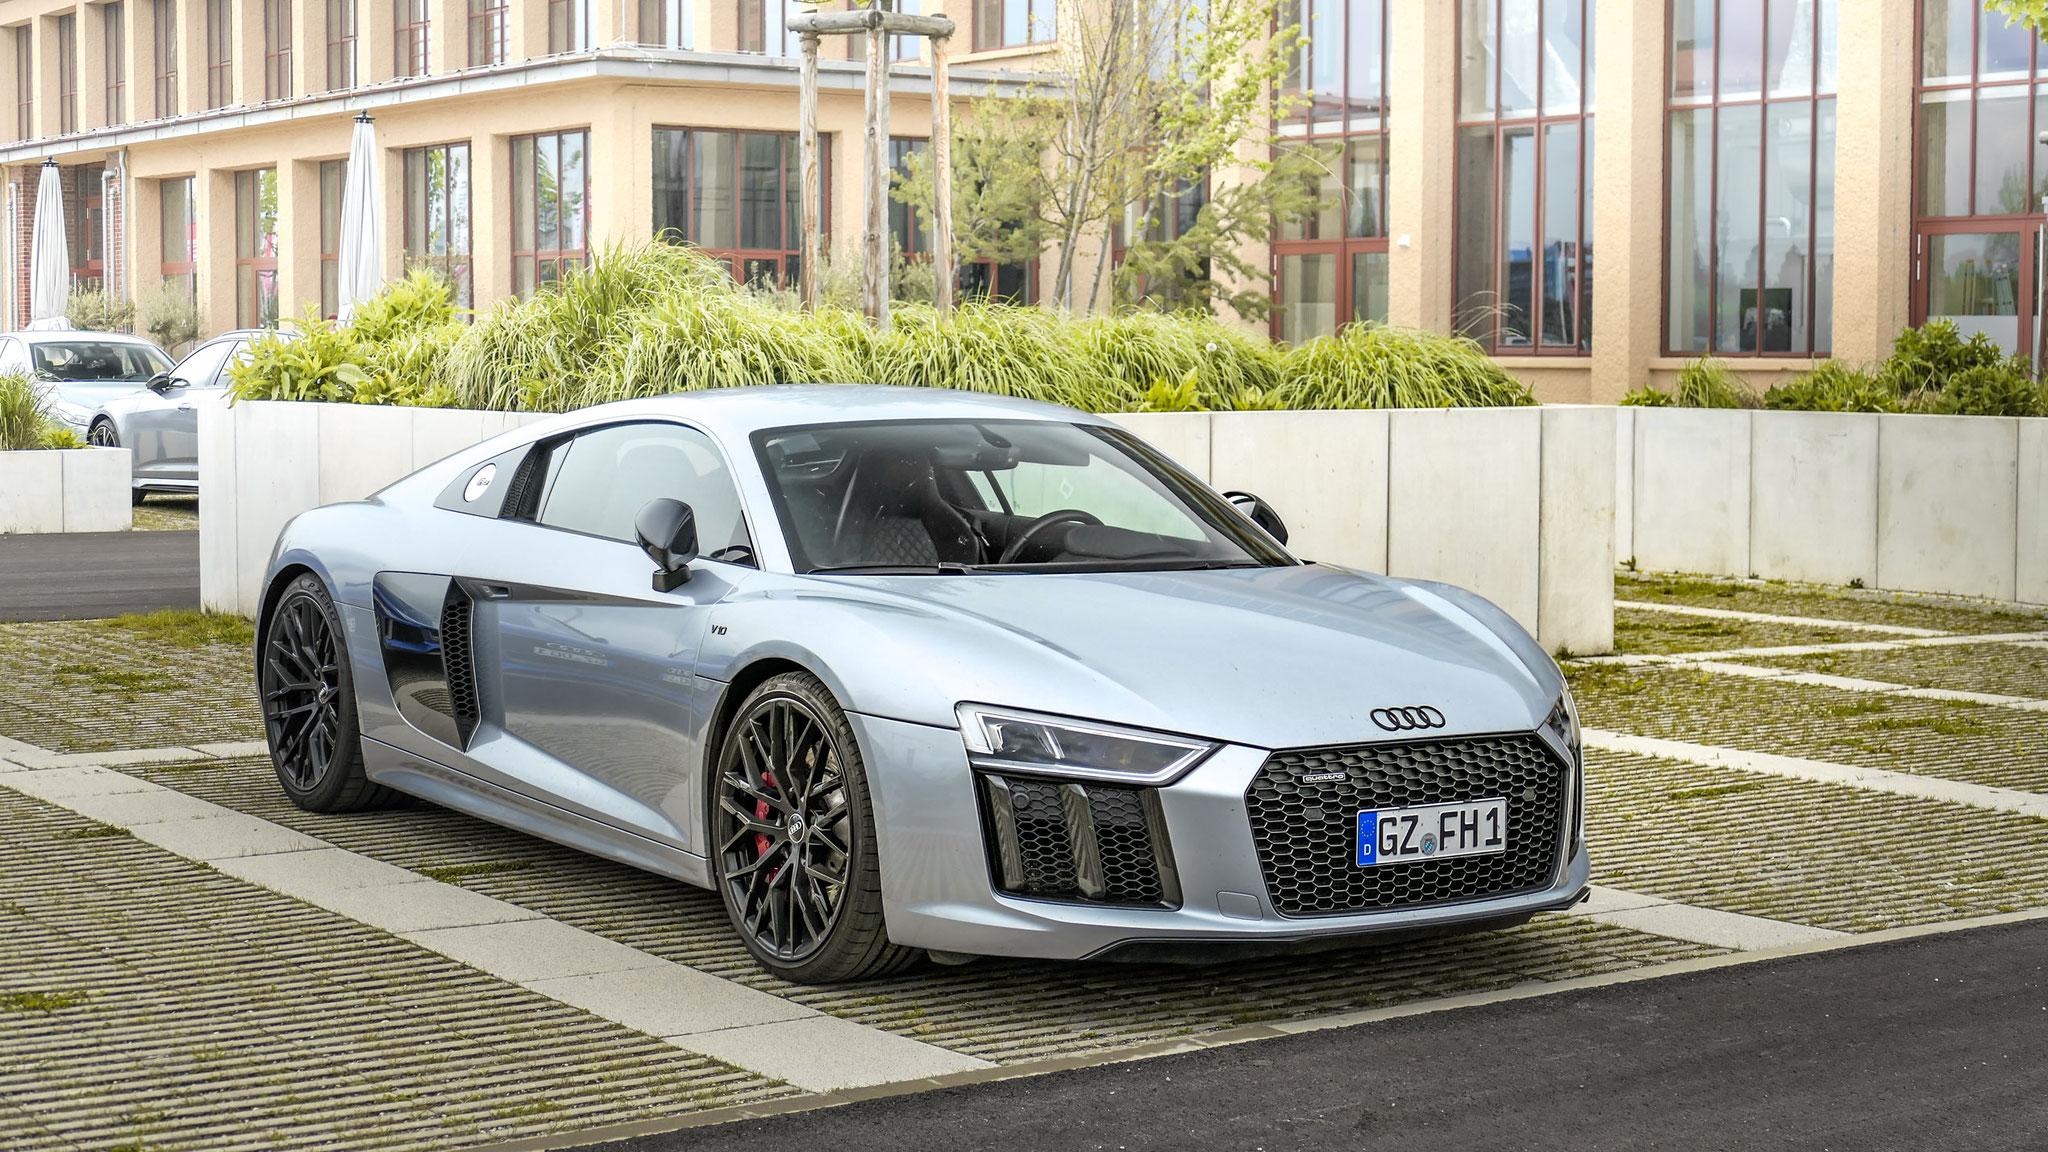 Audi R8 V10 - GZ-FH-1